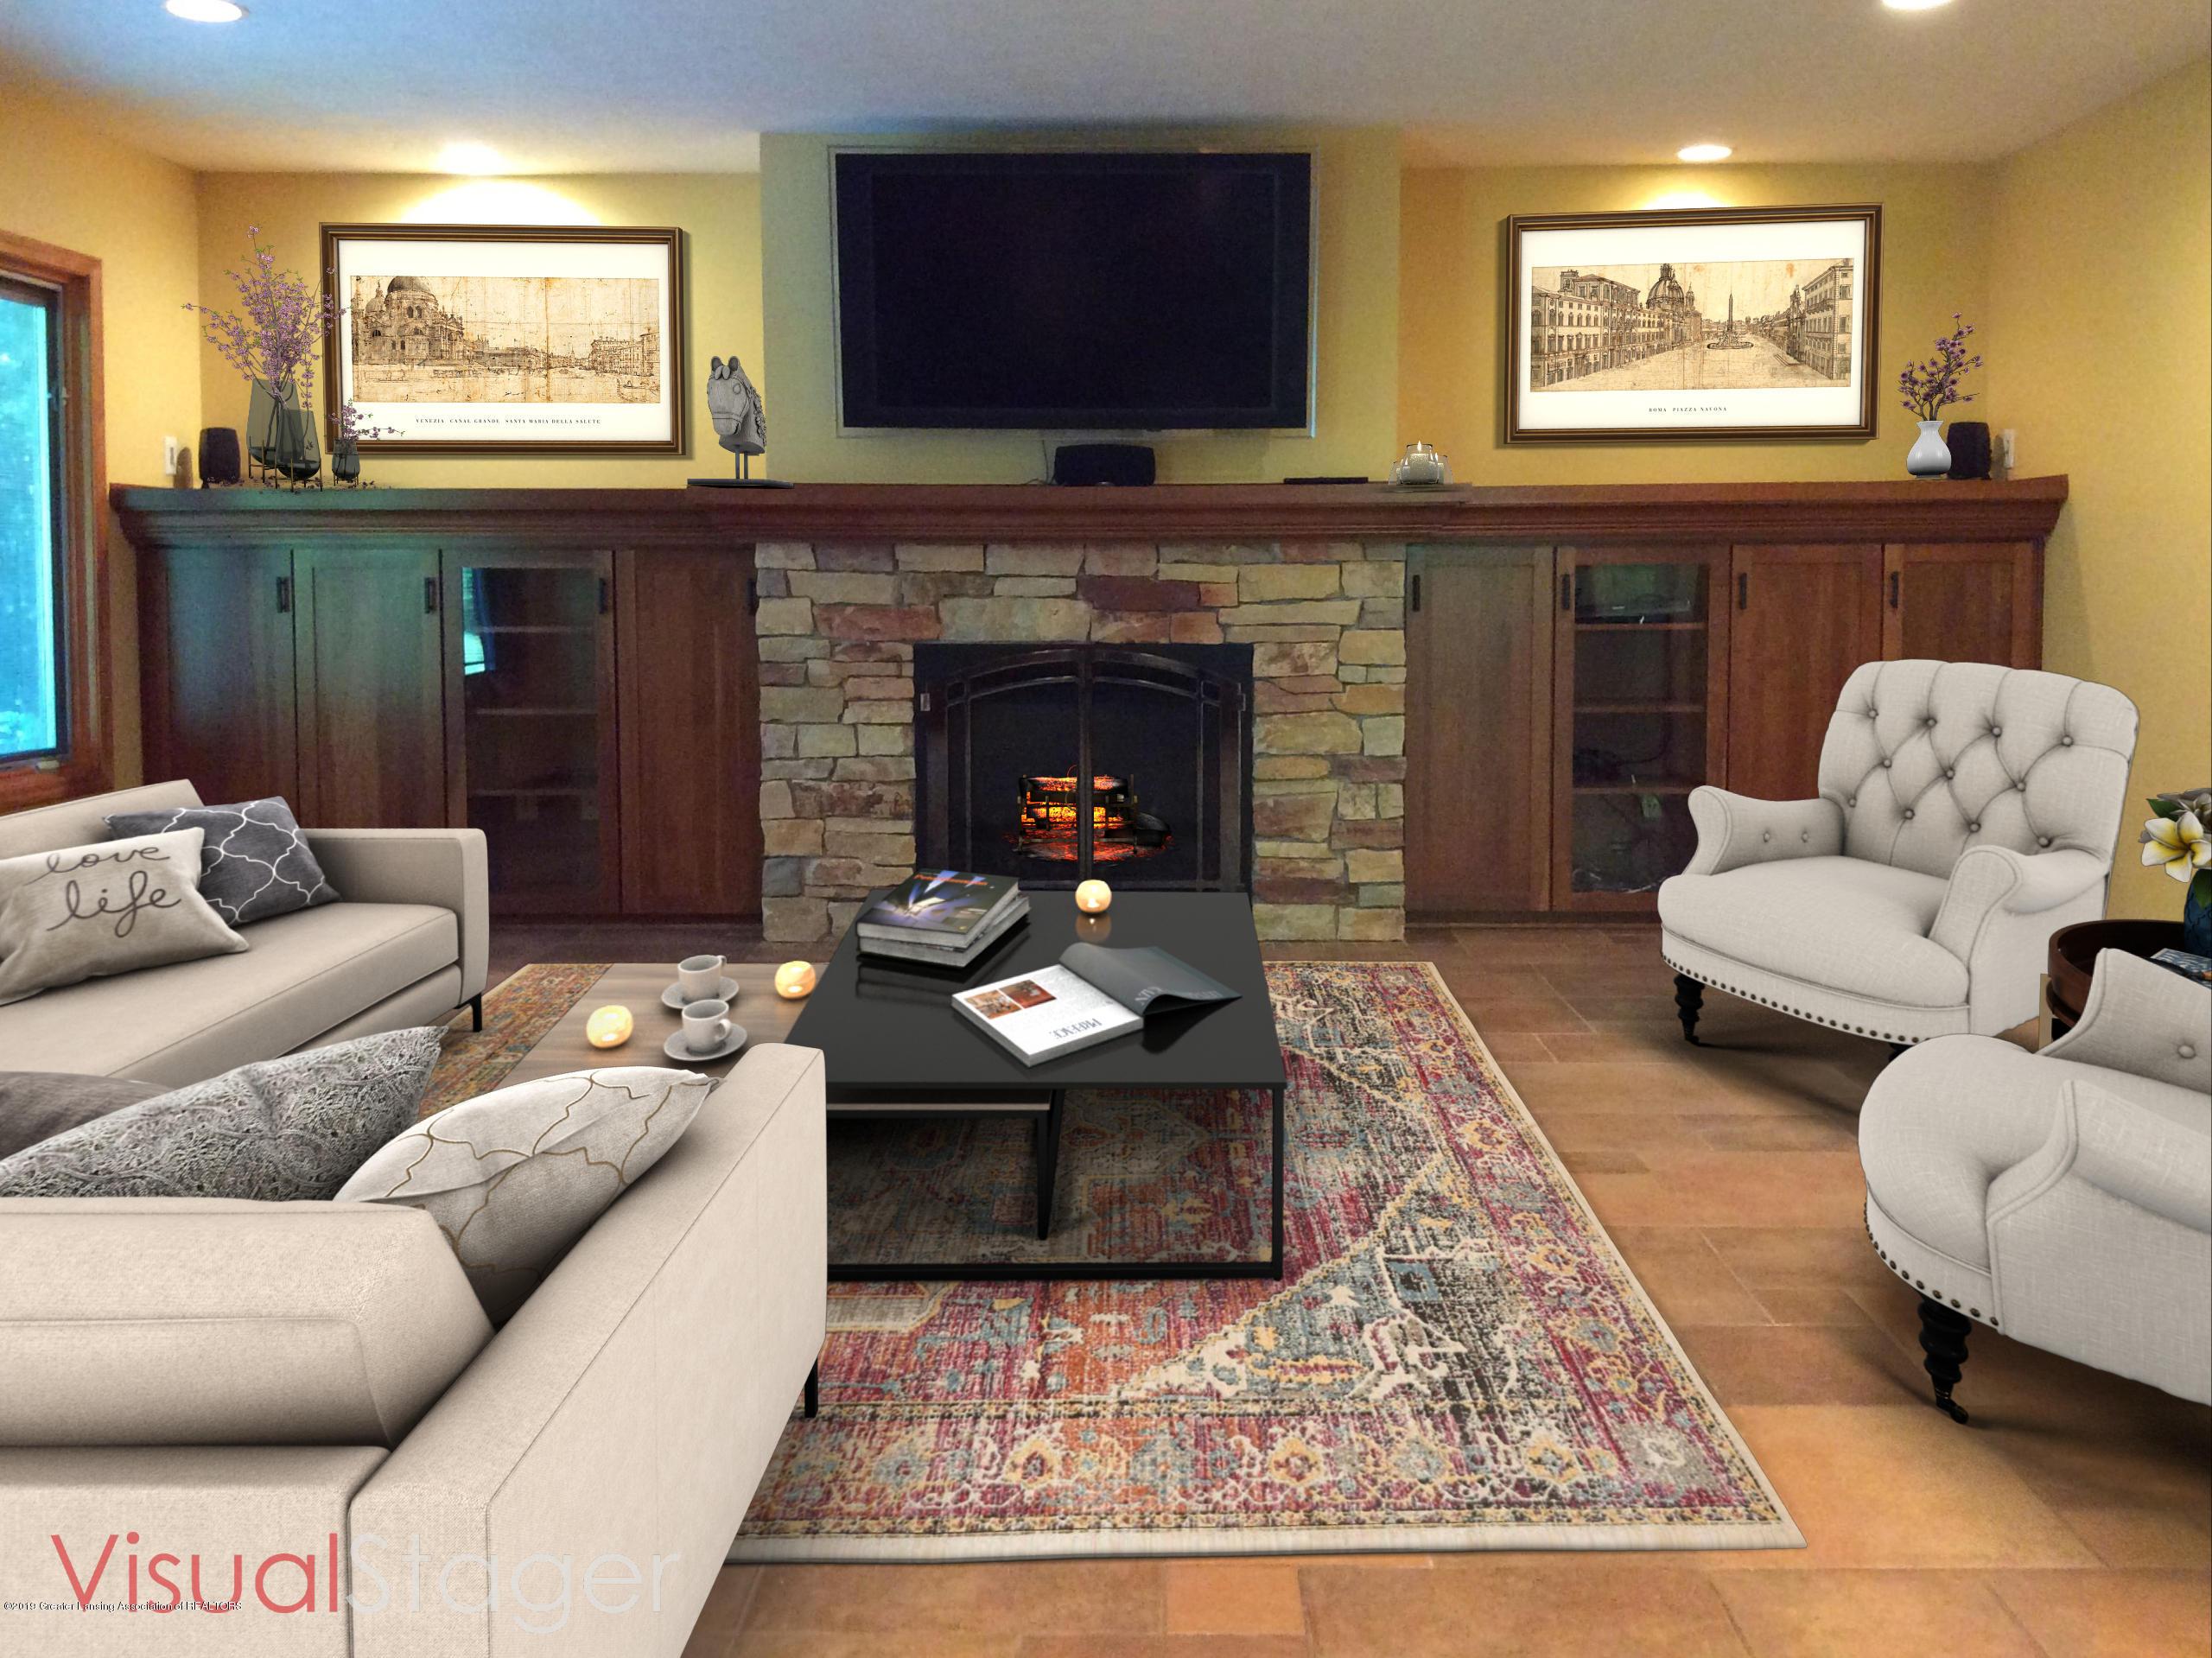 4542 Bracken Woods Dr - Family Room-scene - 4